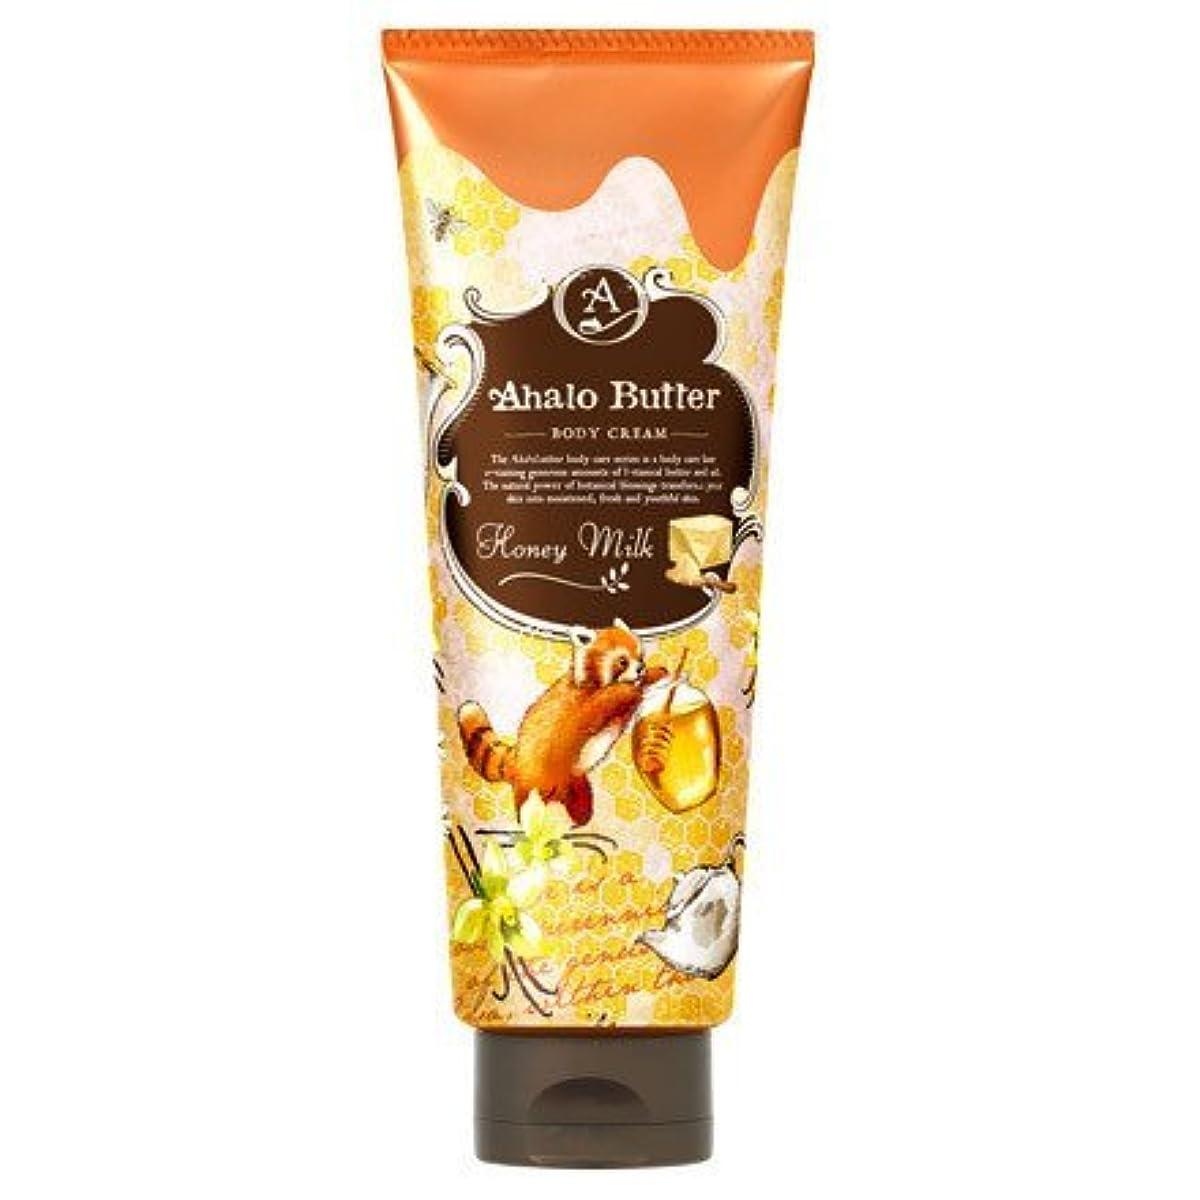 勢い現代健康Ahalo butter(アハロバター) ボディクリーム ハニーミルク 150g